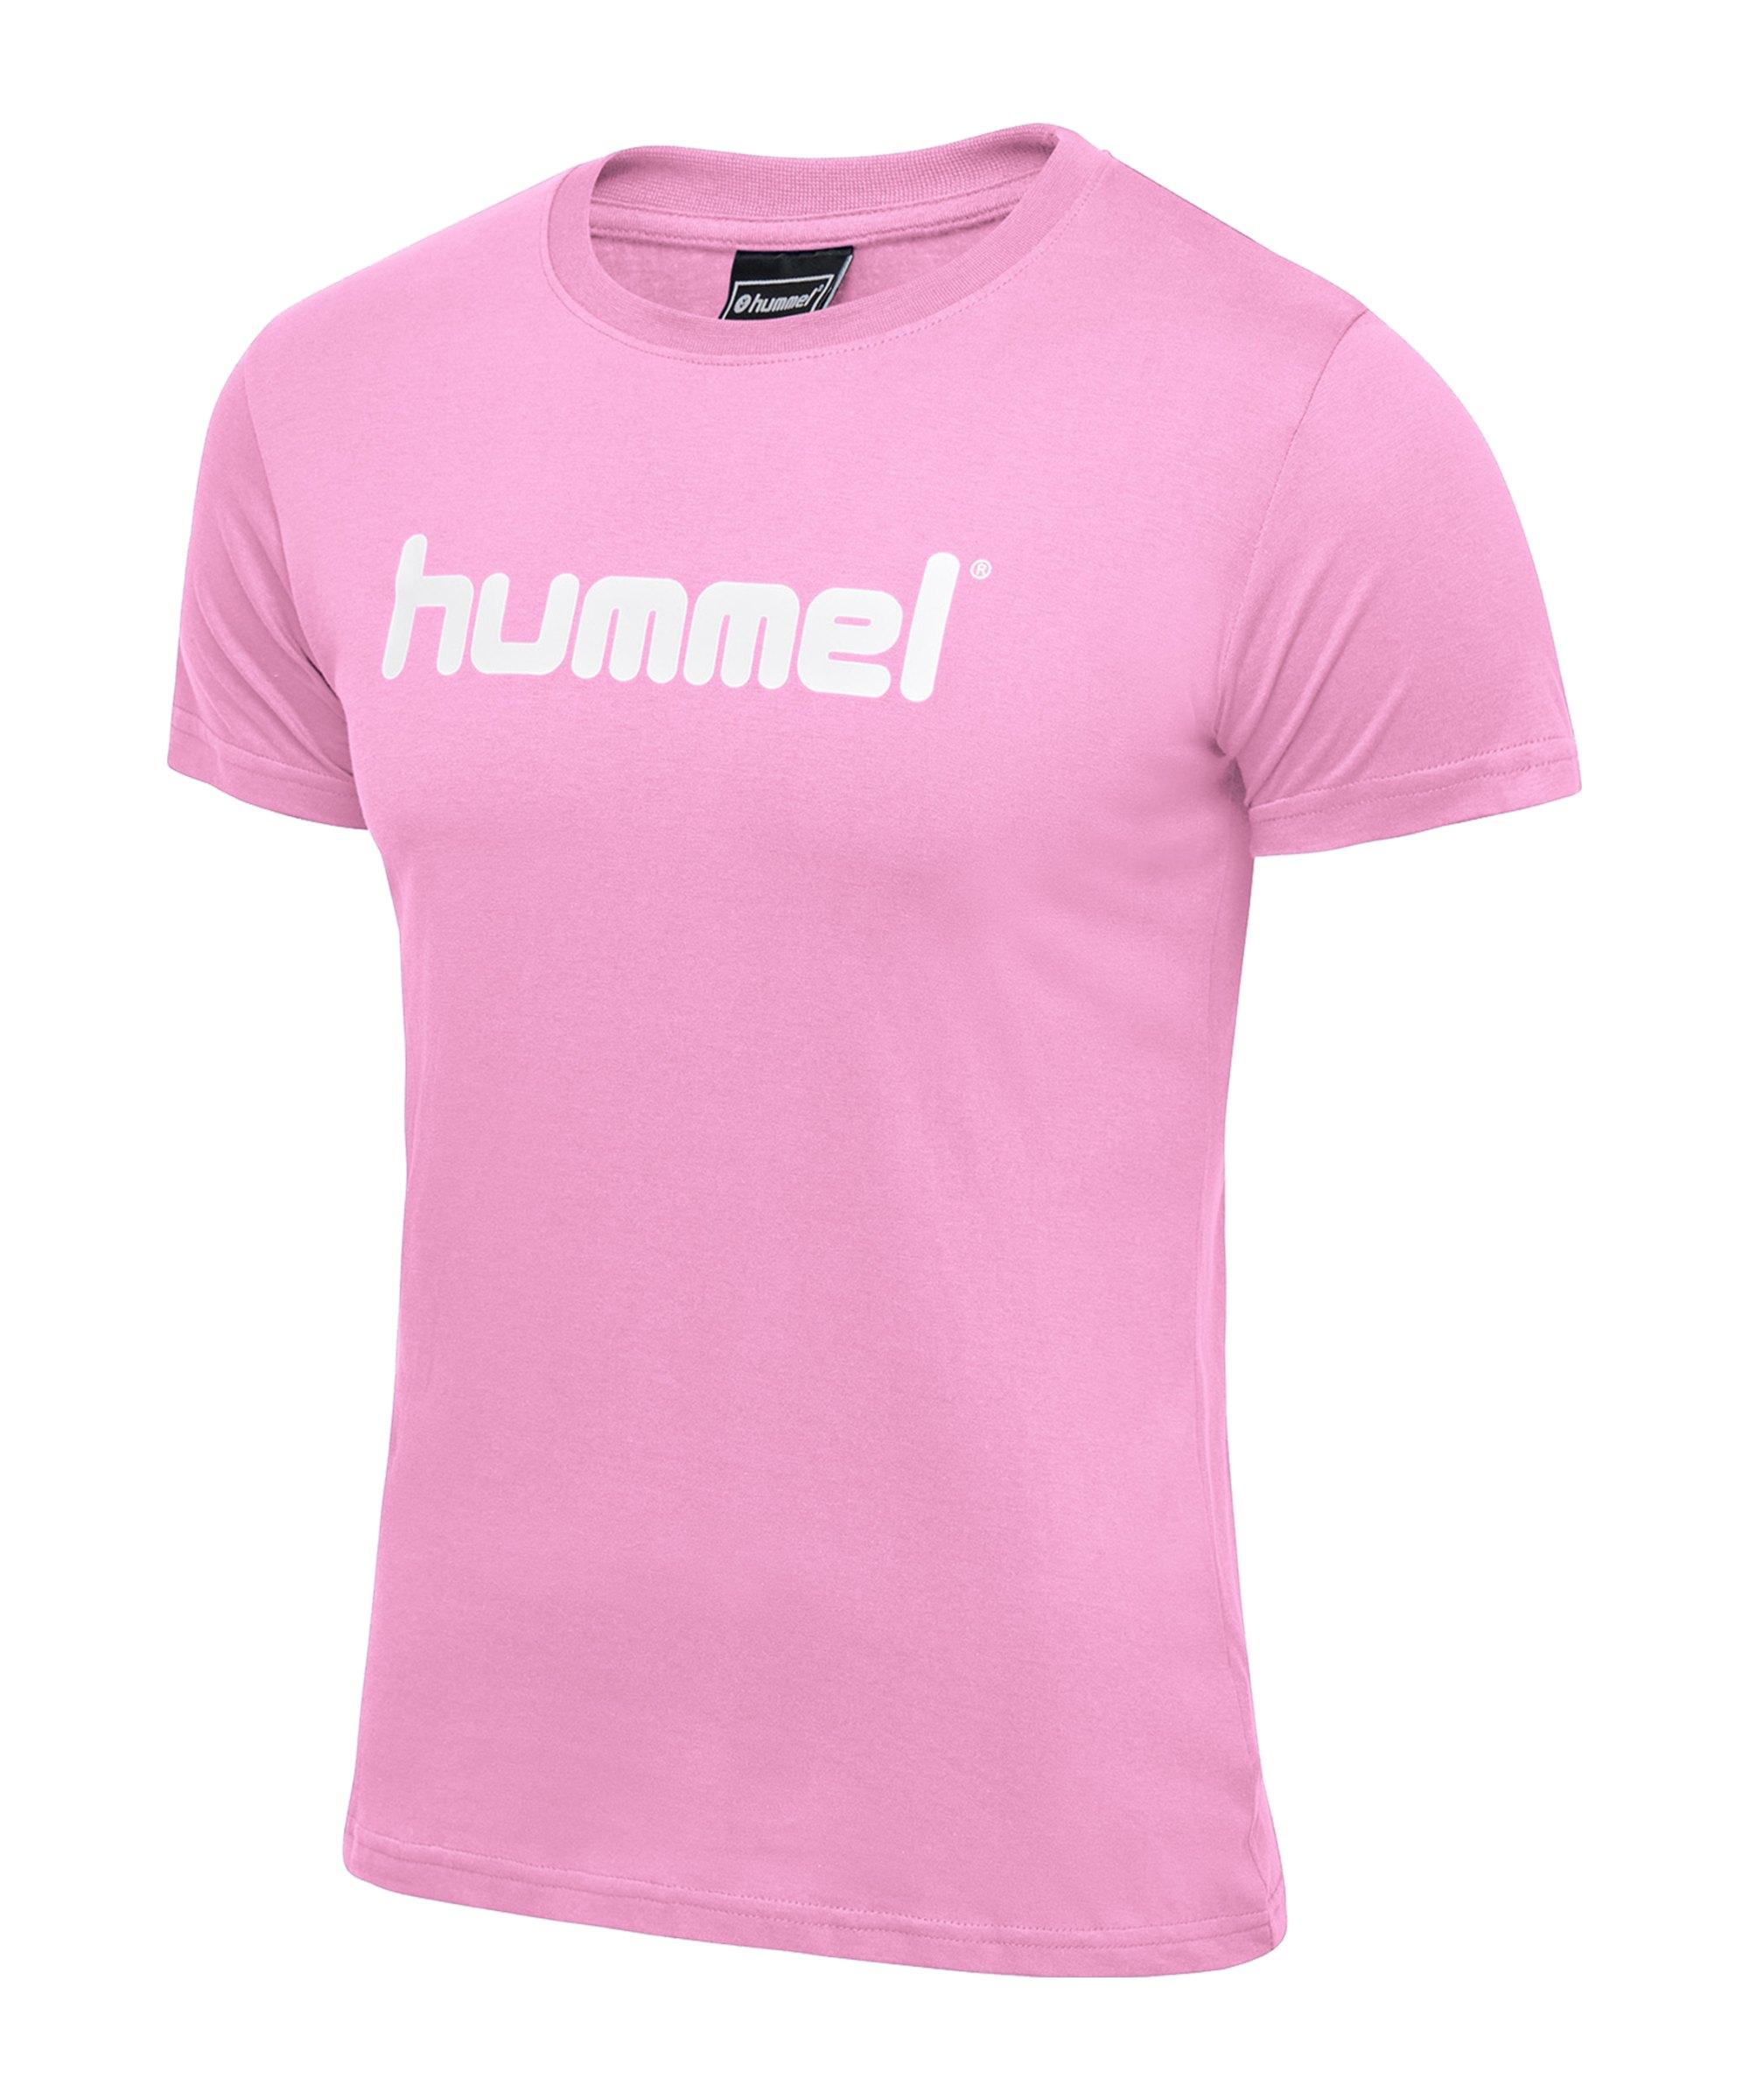 Hummel Cotton T-Shirt Logo Damen Rosa F3257 - rosa